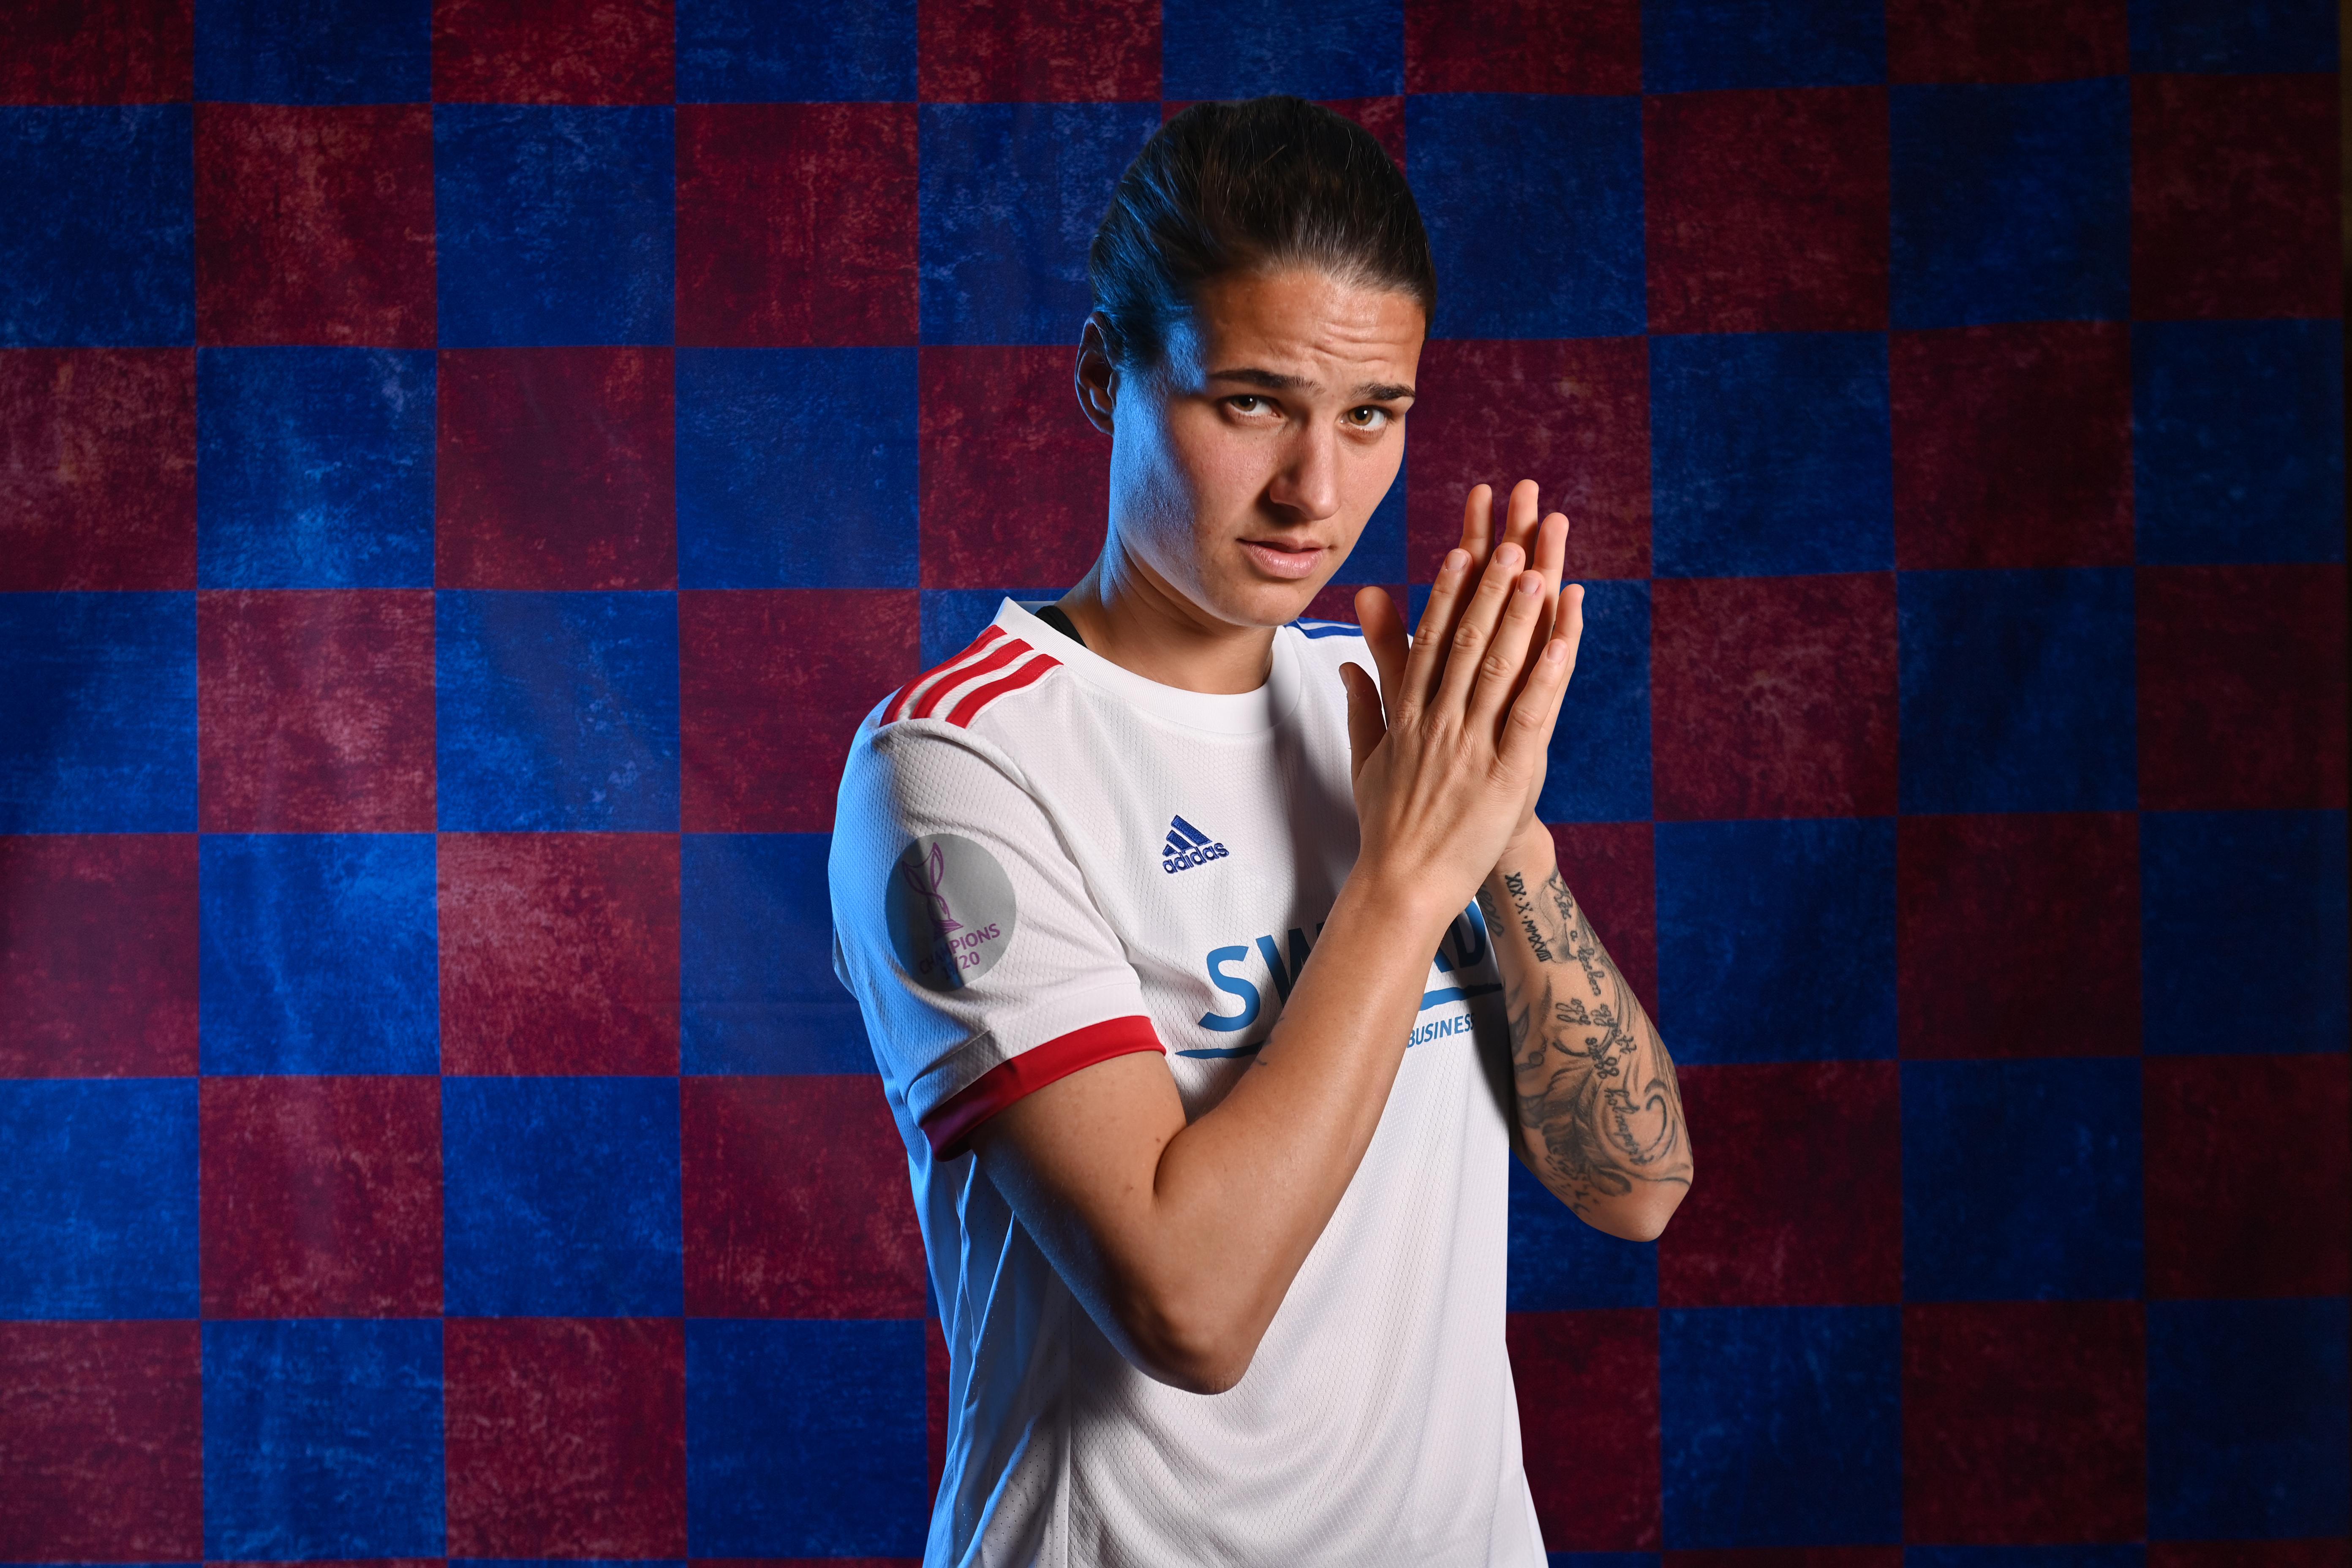 Olympique Lyonnais: UEFA Women's Champions League Portraits